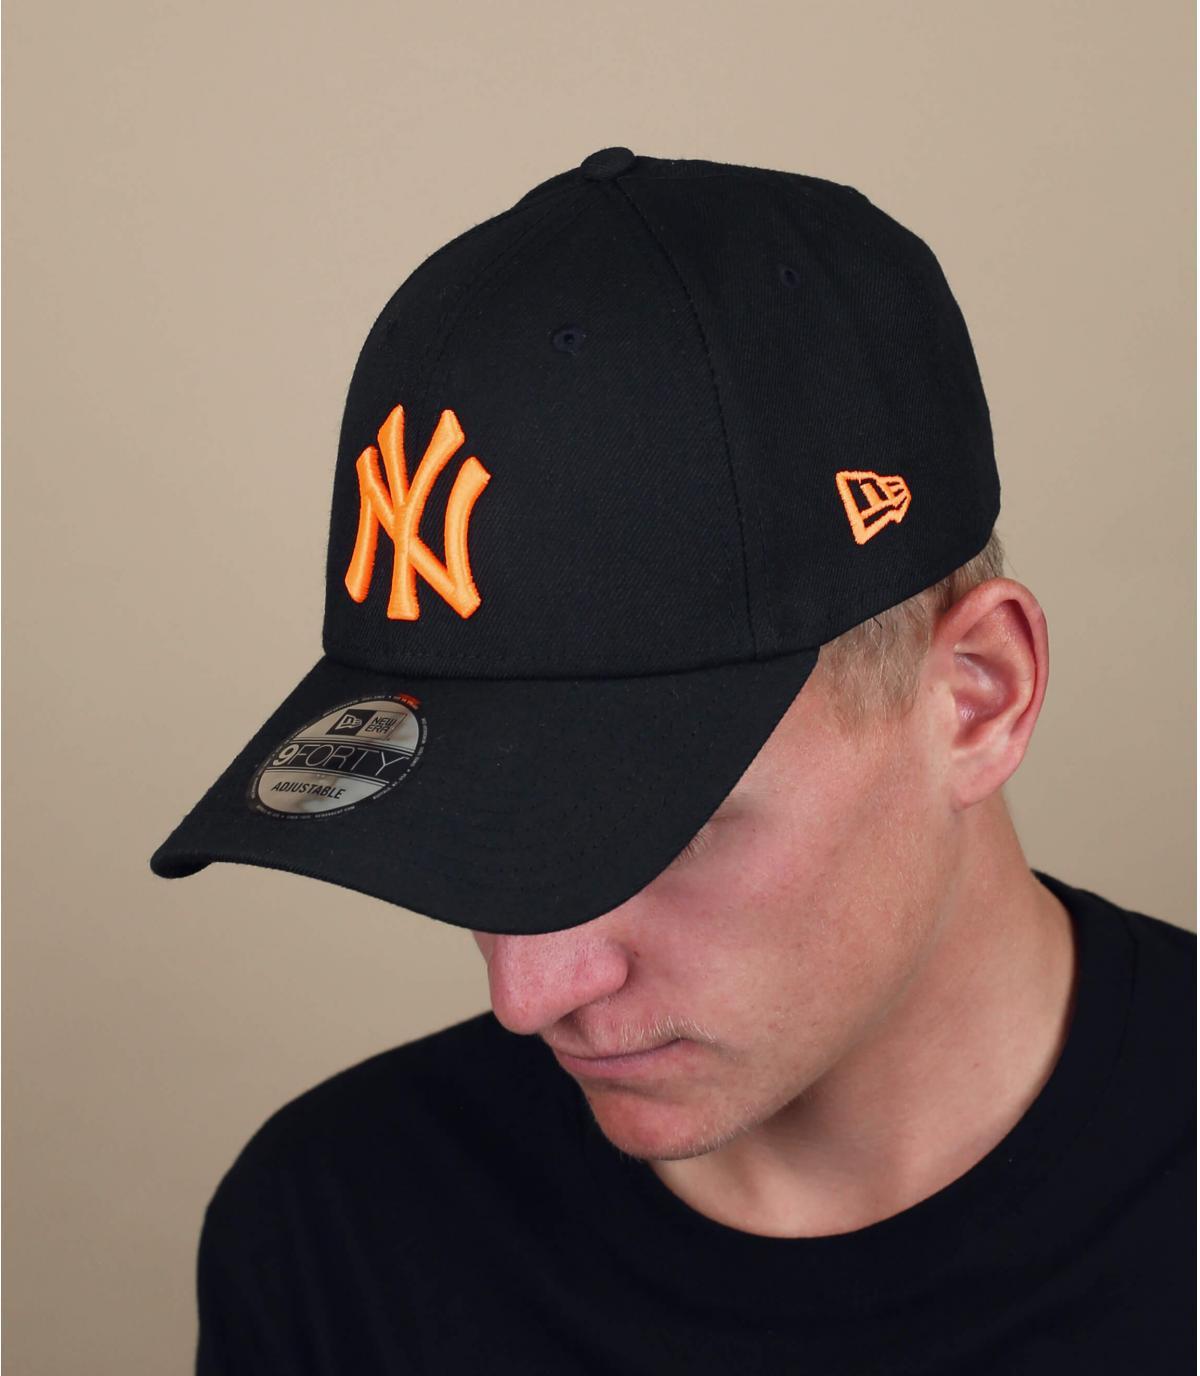 zwarte fluo-oranje NY cap